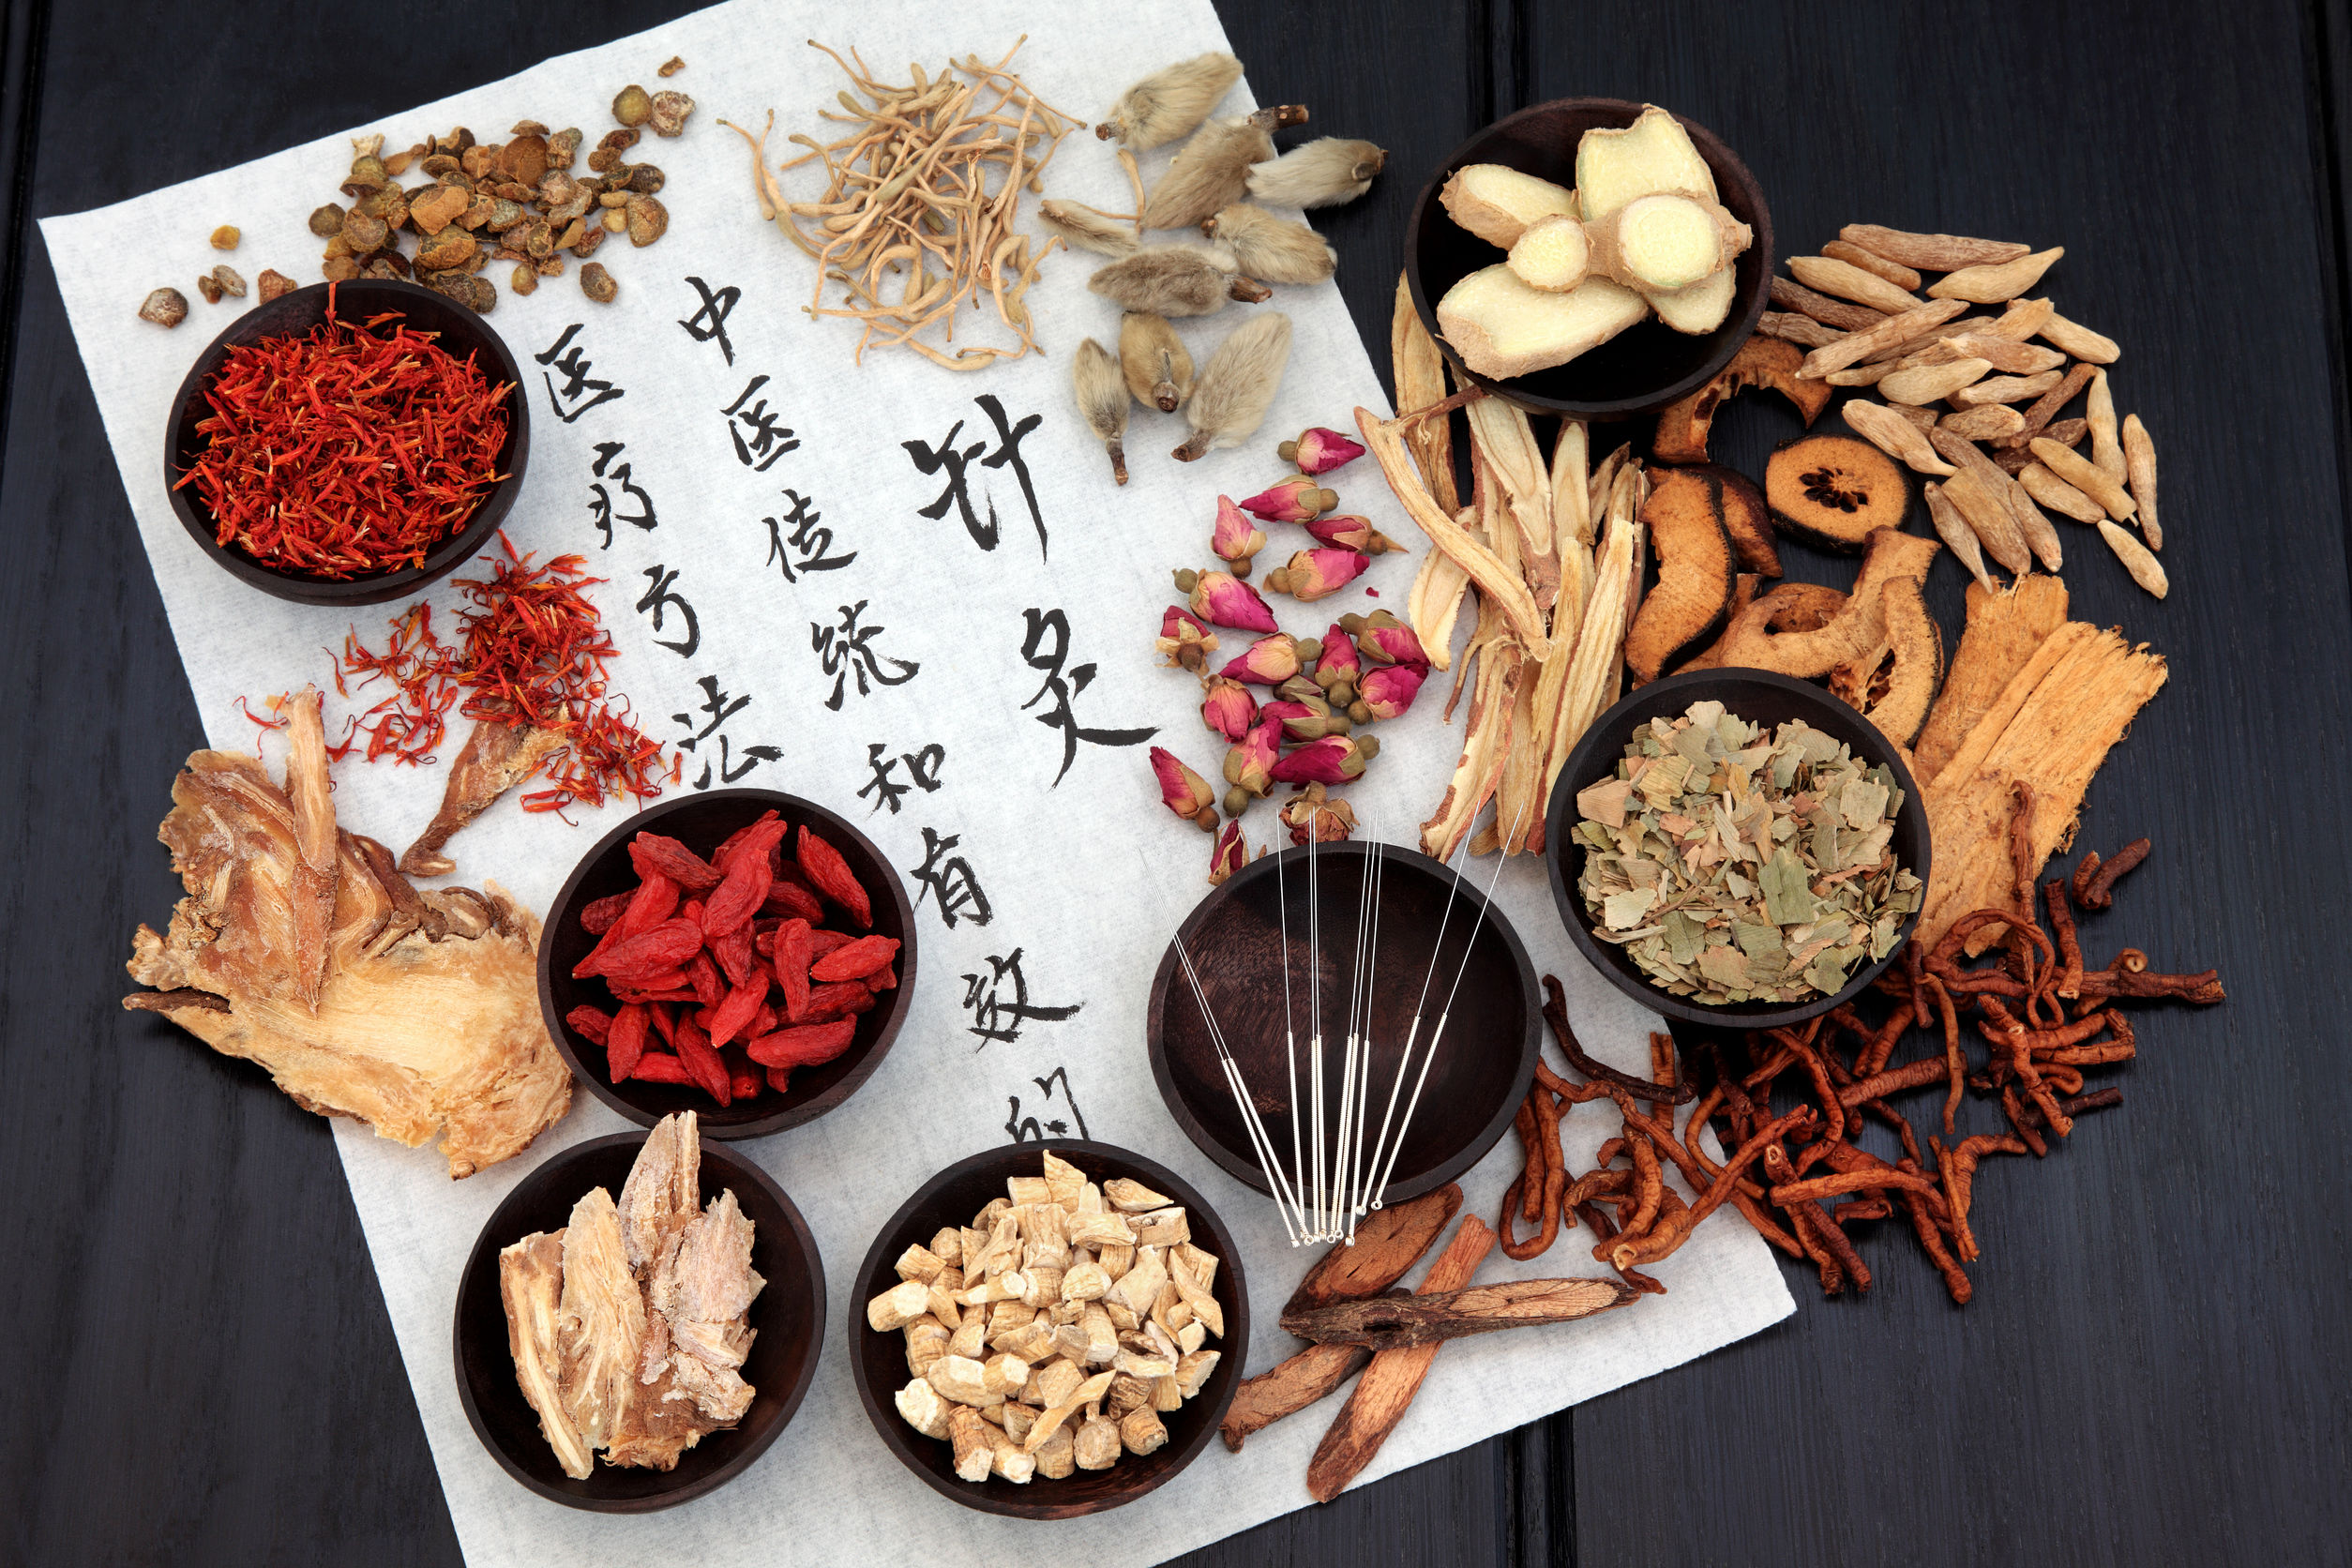 Surpoids et obésité en médecine traditionnelle chinoise